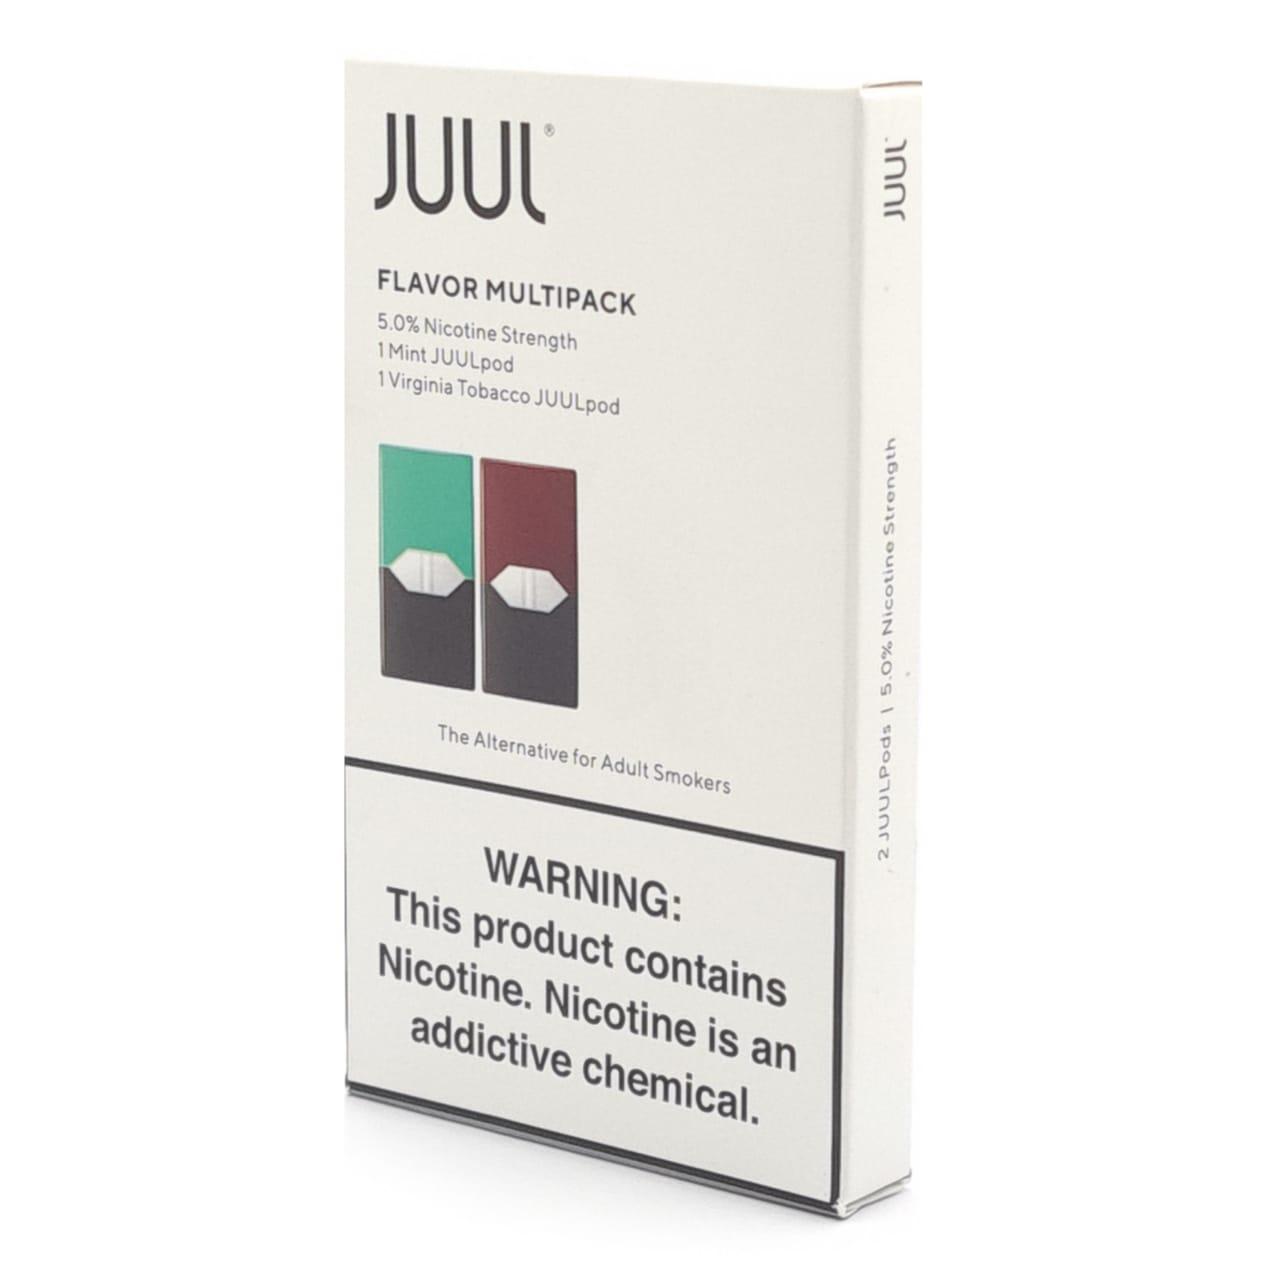 Pod (Cartucho) de Reposição (c/ Líquido) p/ JUUL - JUUL: